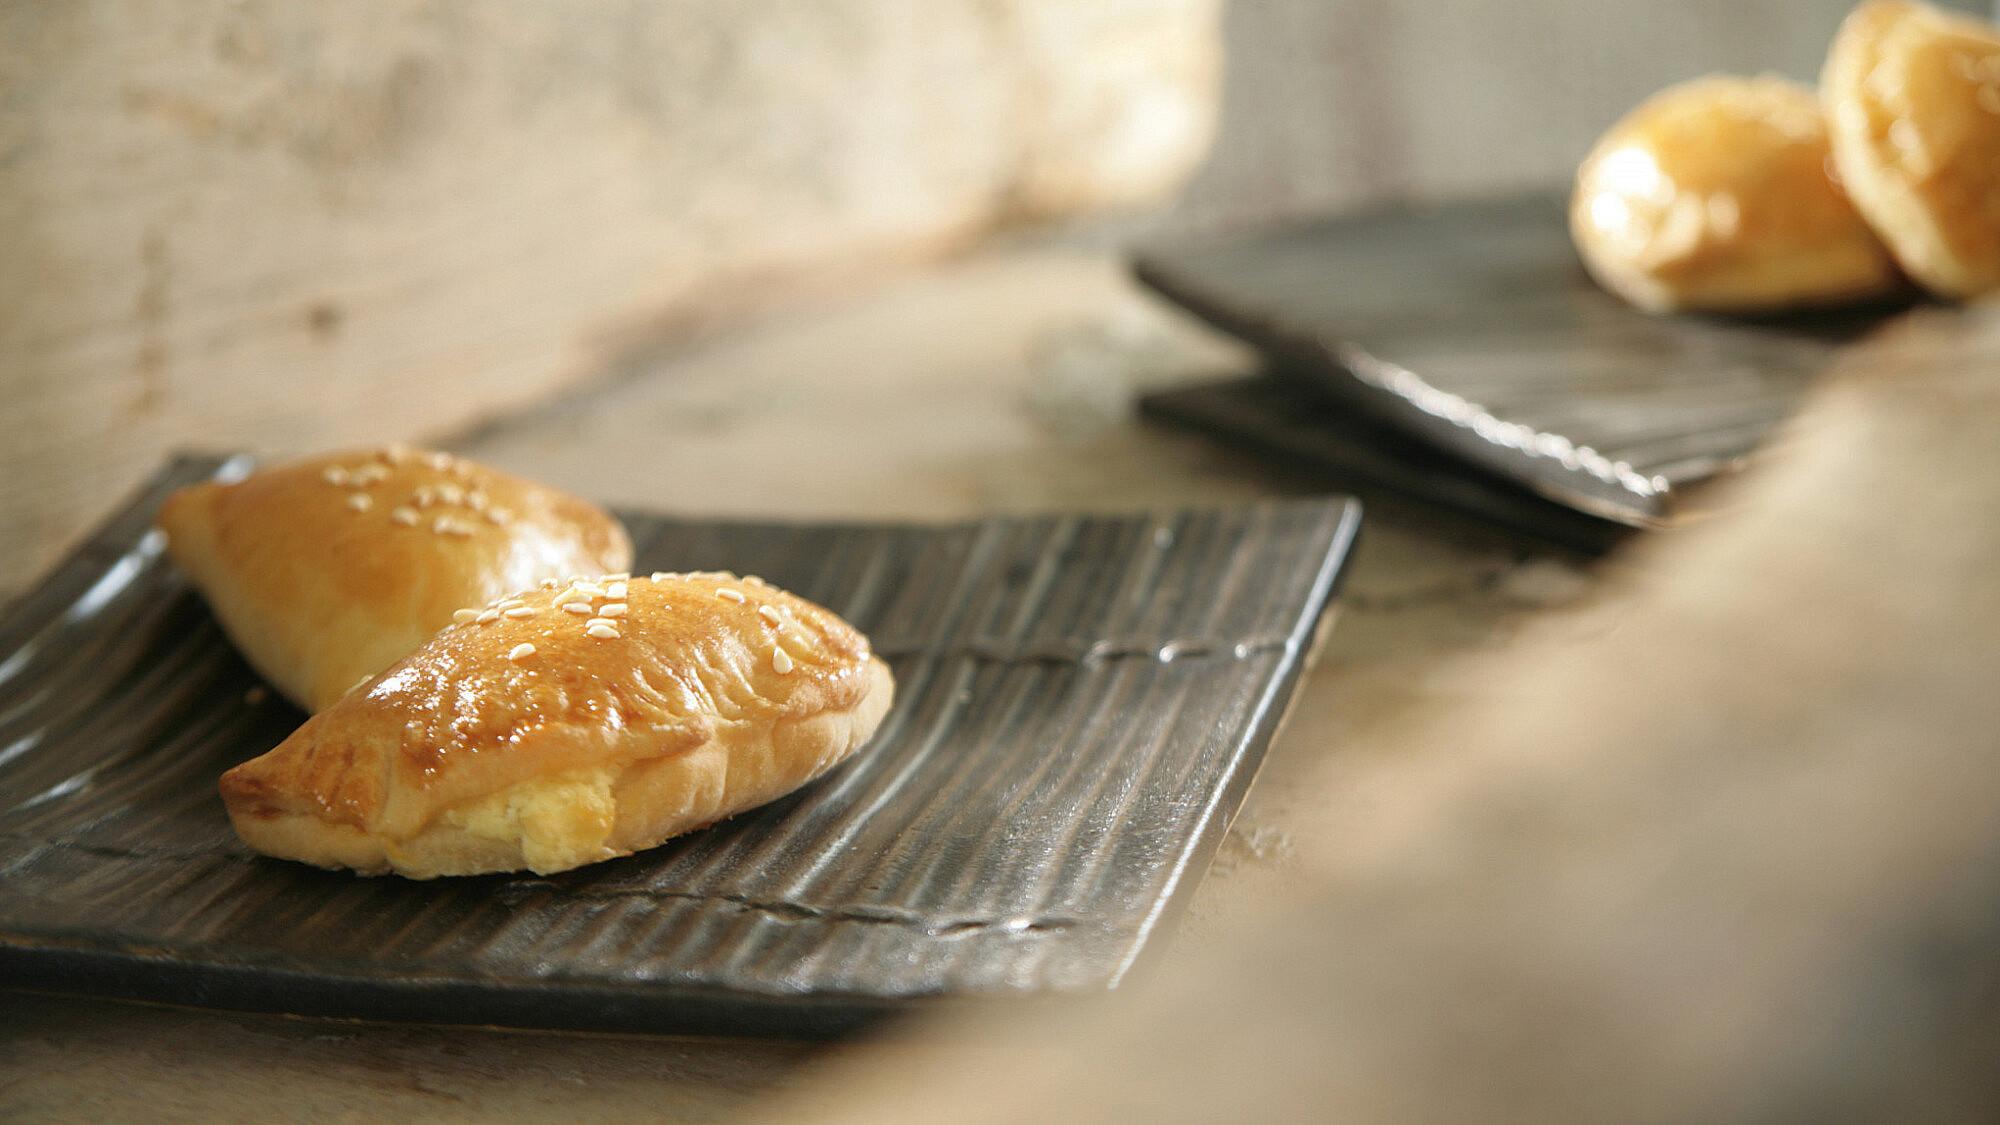 בורקיטס במילוי גבינה וחצילים של רות אוליבר. סטיילינג: טליה אסיף (צילום: דניאל לילה)